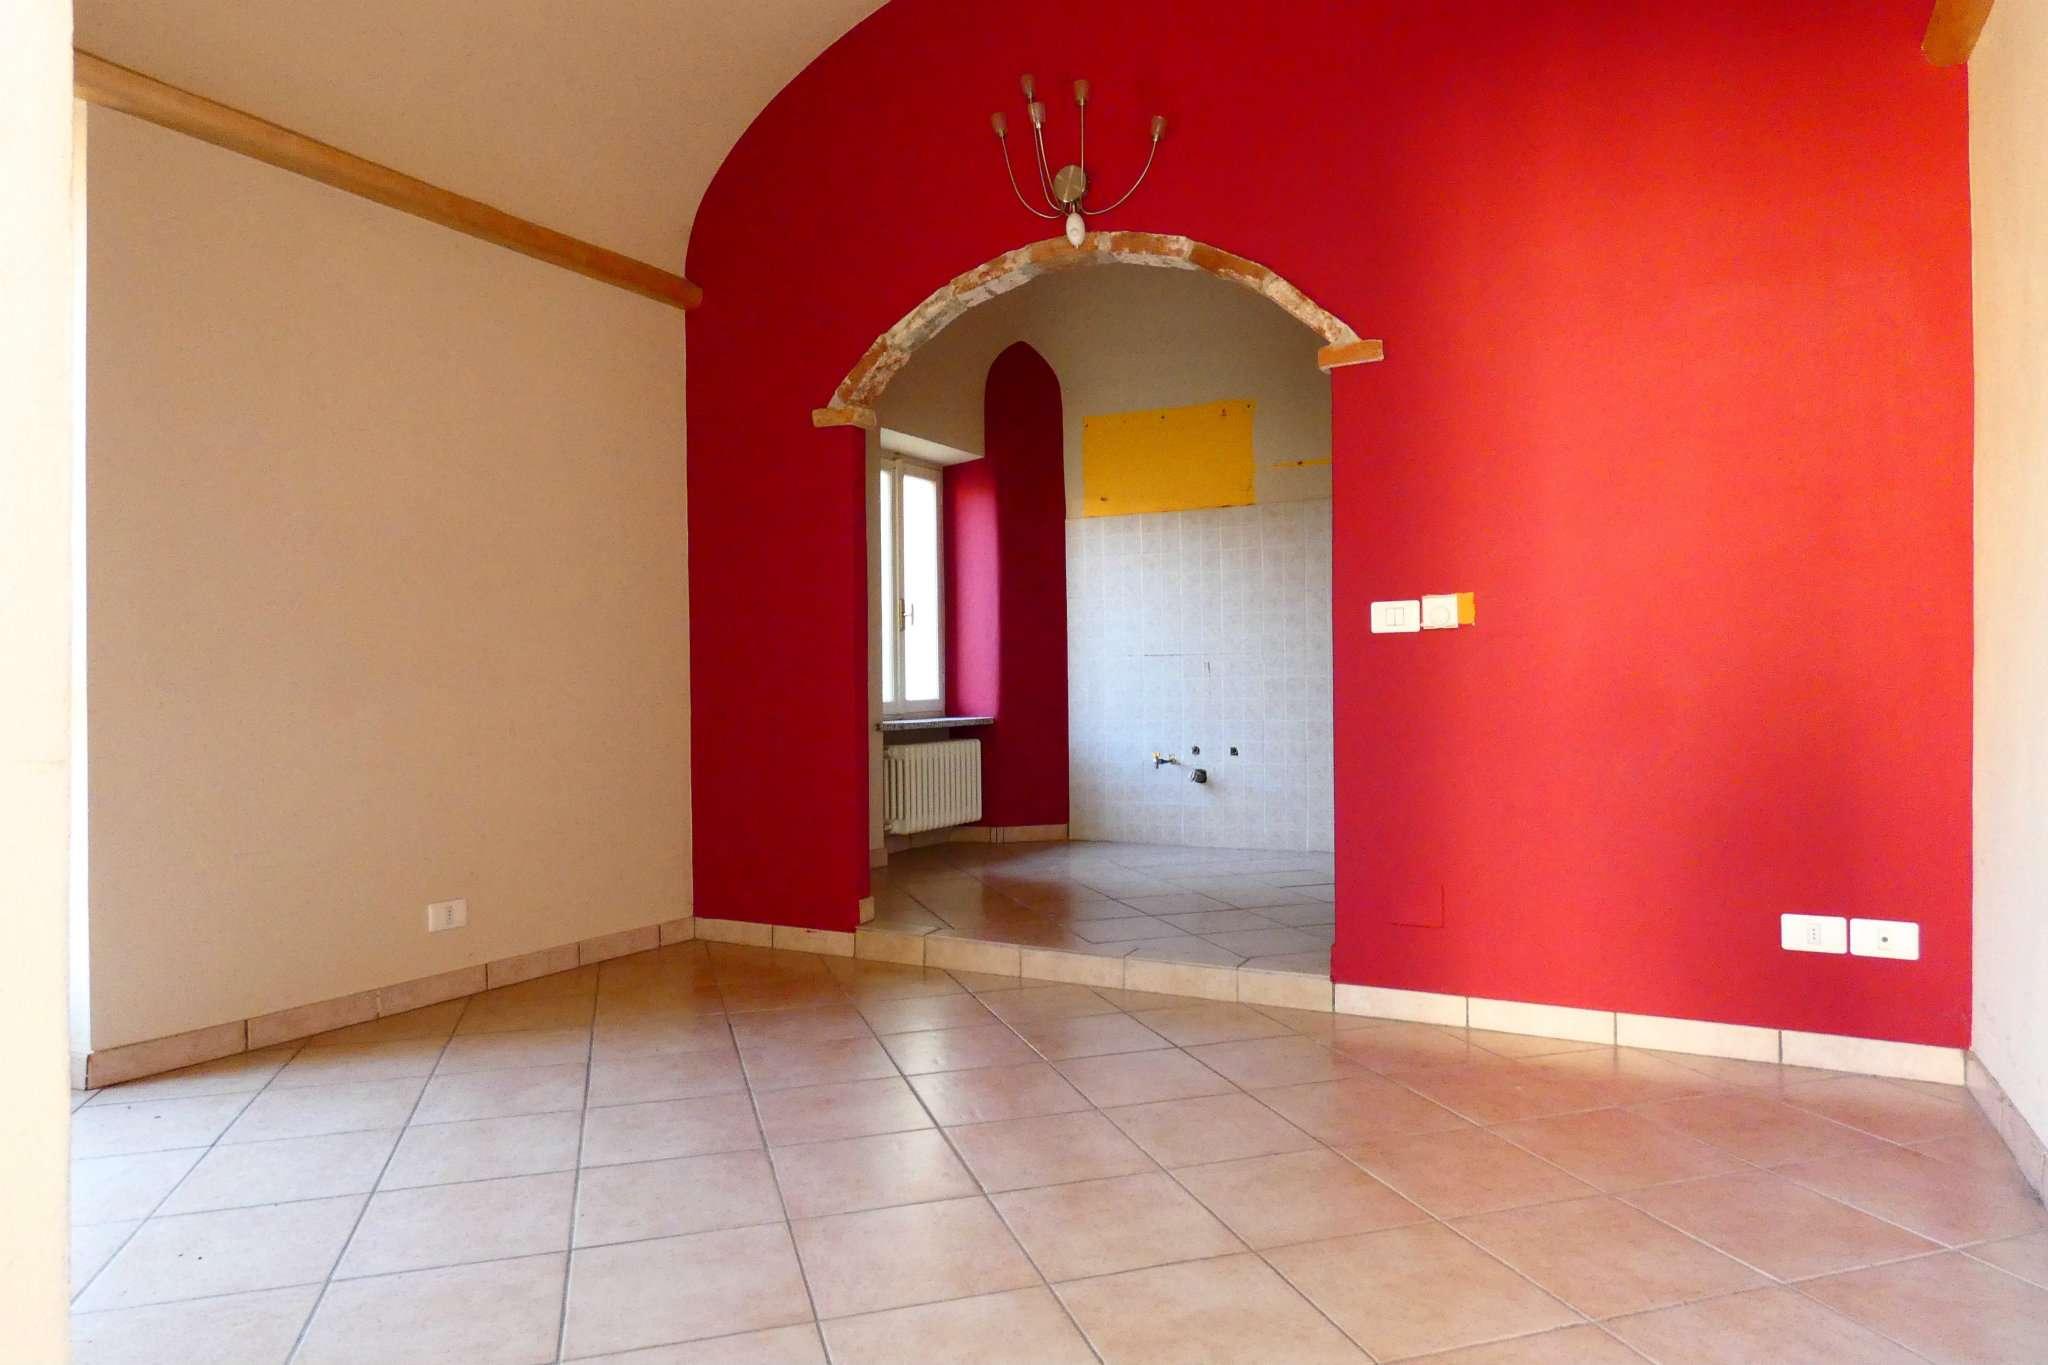 Appartamento in vendita a Bra, 3 locali, prezzo € 200.000 | CambioCasa.it